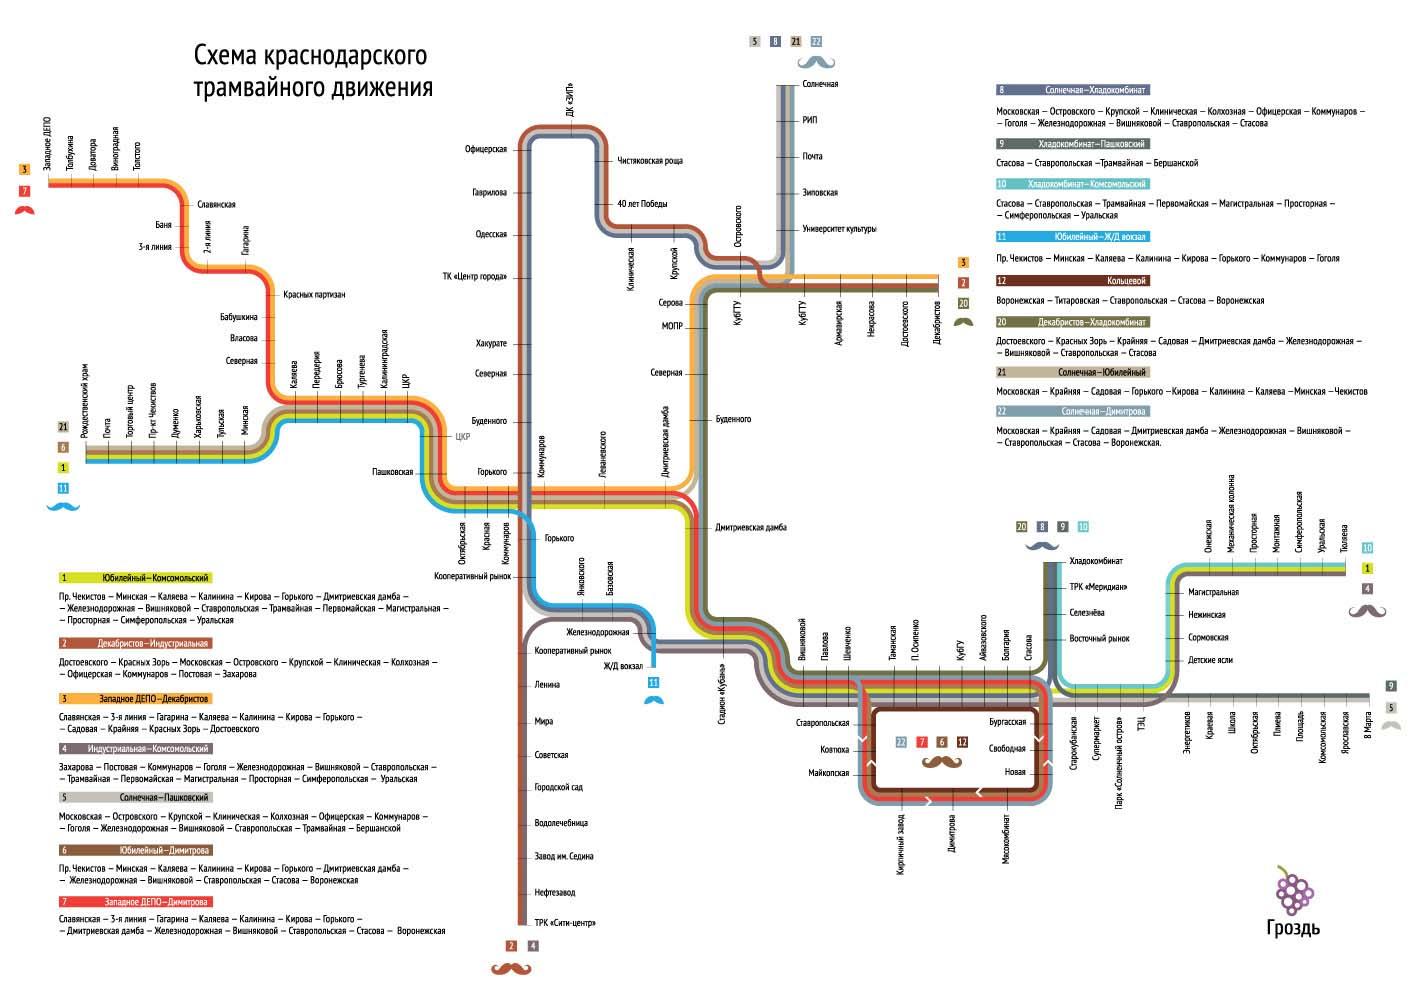 комнату схема движения трамвая в краснодаре обещал